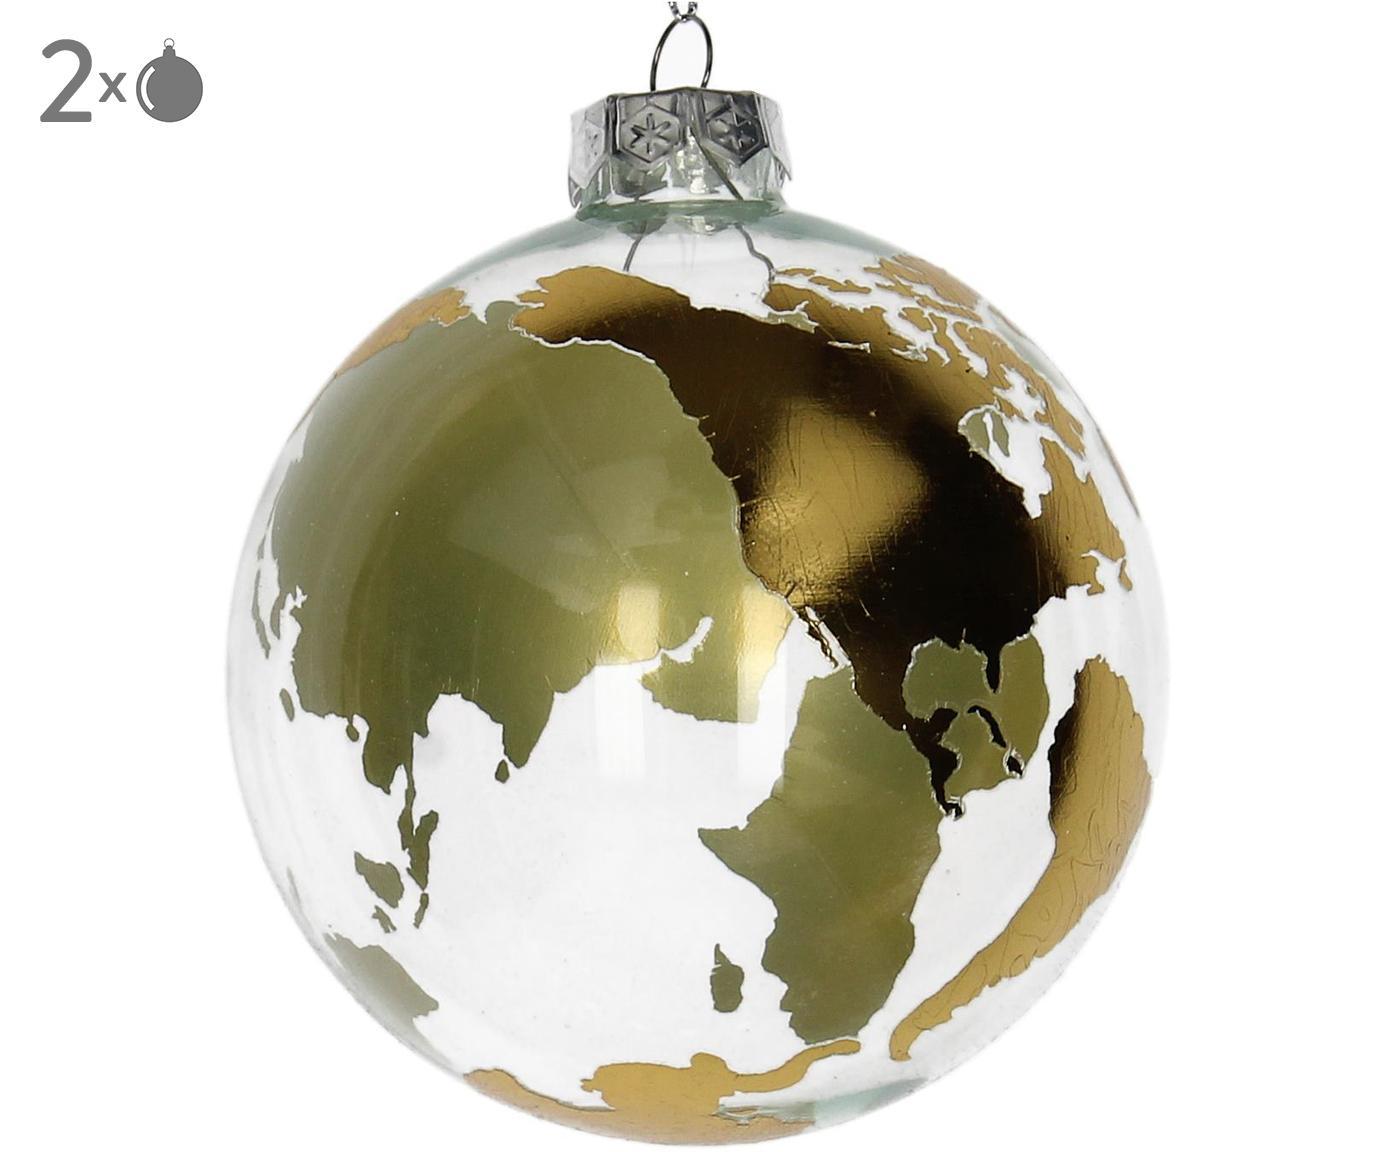 Kerstballen Globe, 2 stuks, Goudkleurig, transparant, Ø 10 cm